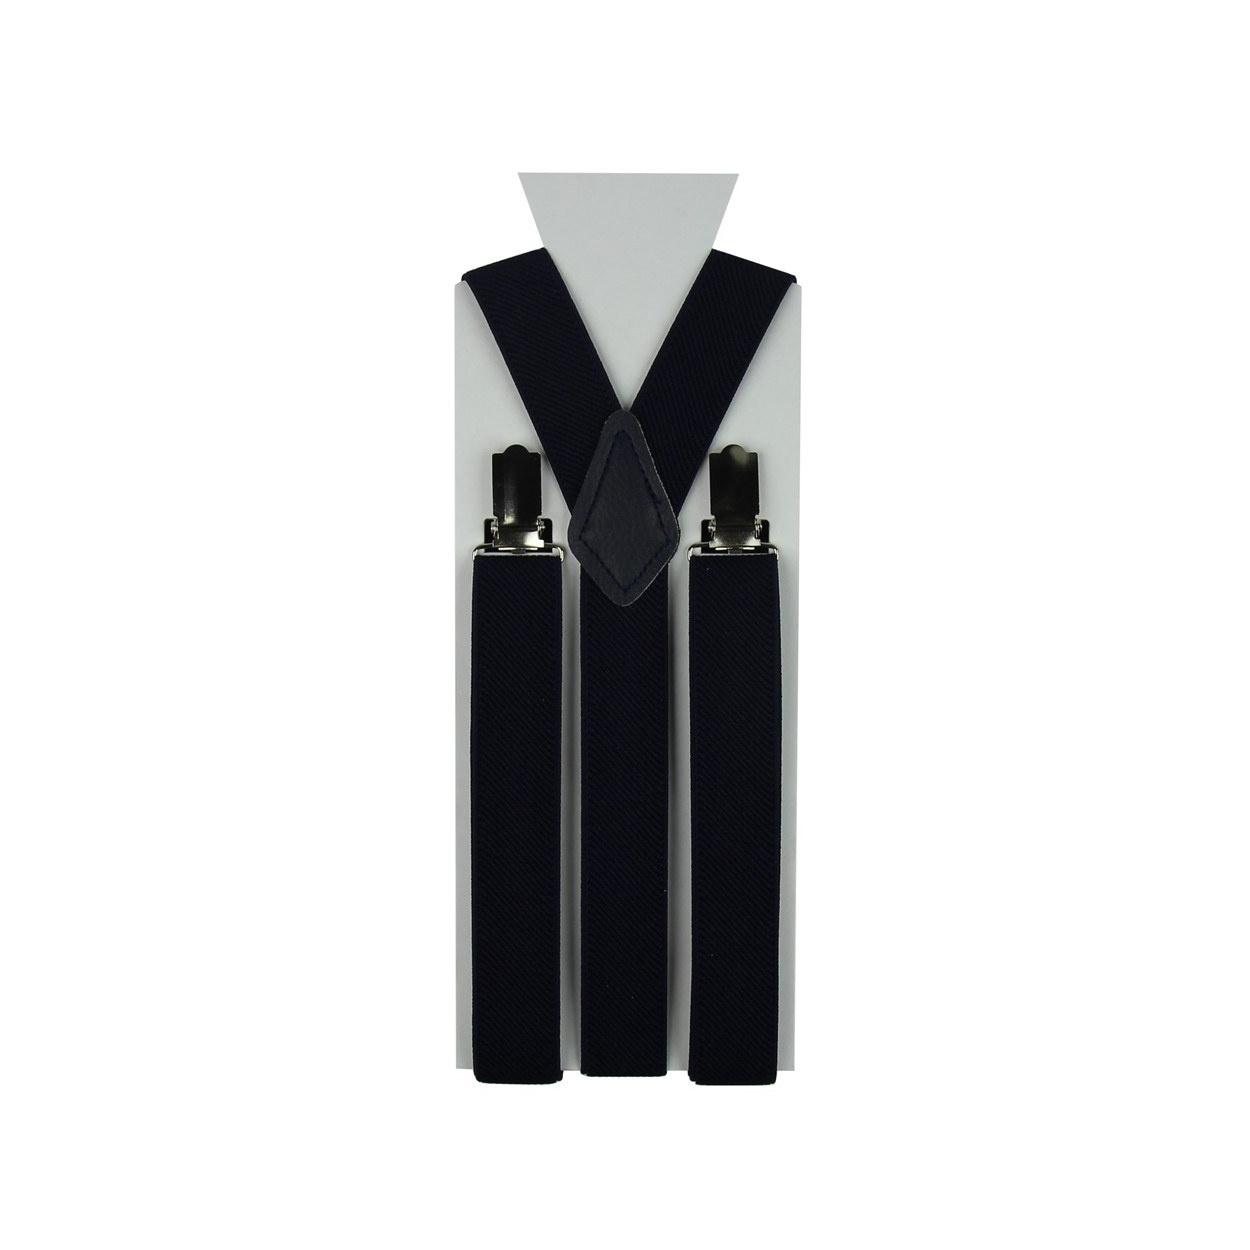 Moderní tmavě modré pánské šle ve tvaru Y o délce 110 cm.